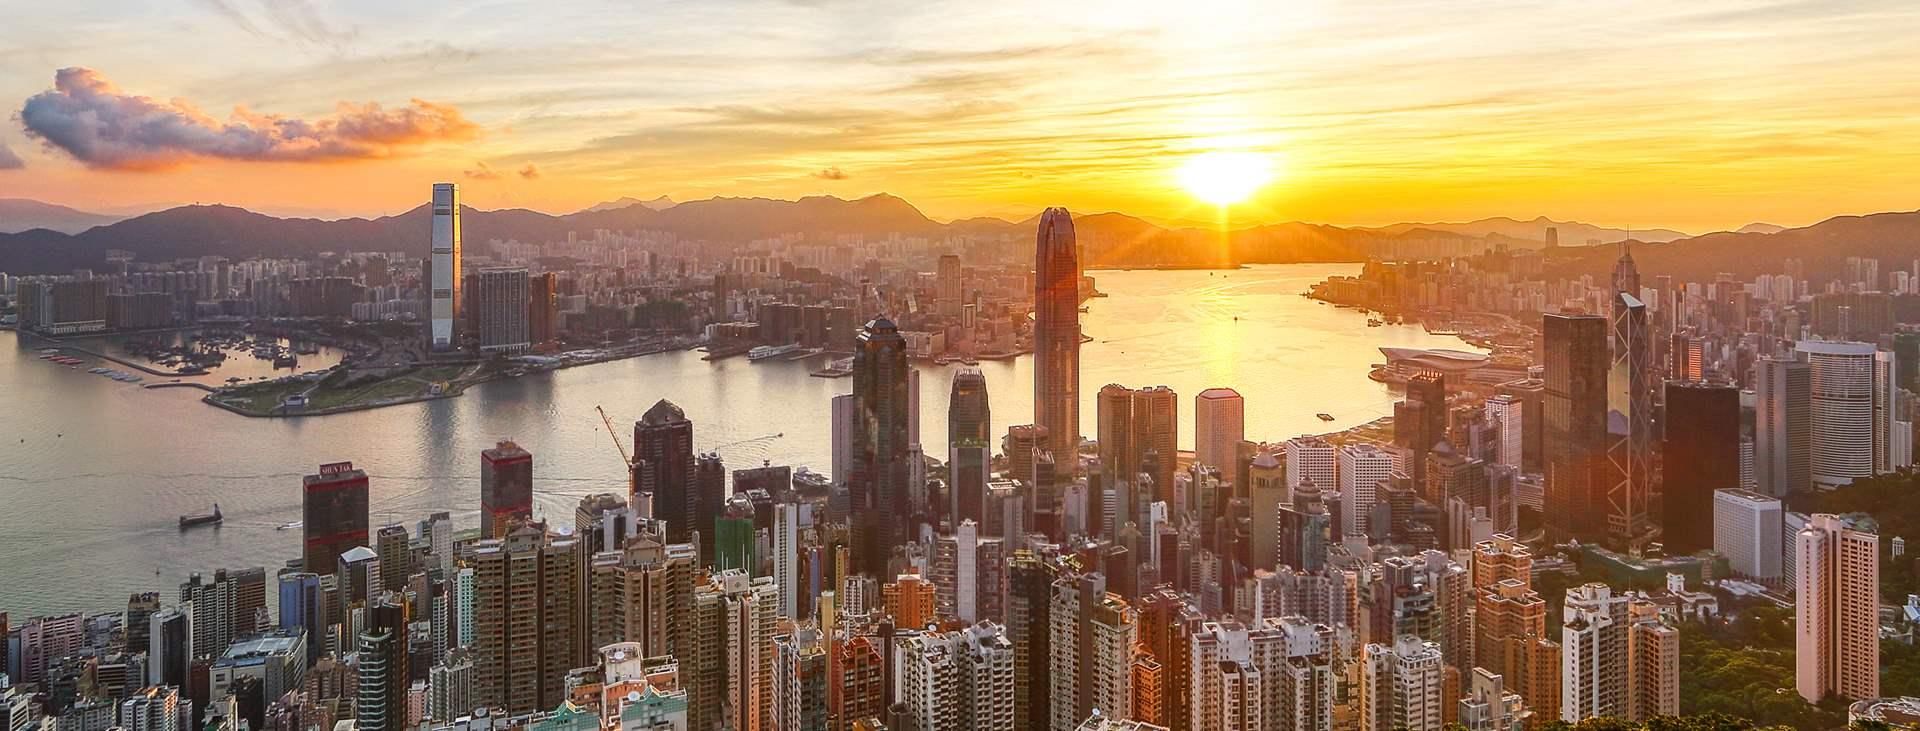 Bestill en reise med fly og hotell til Kina